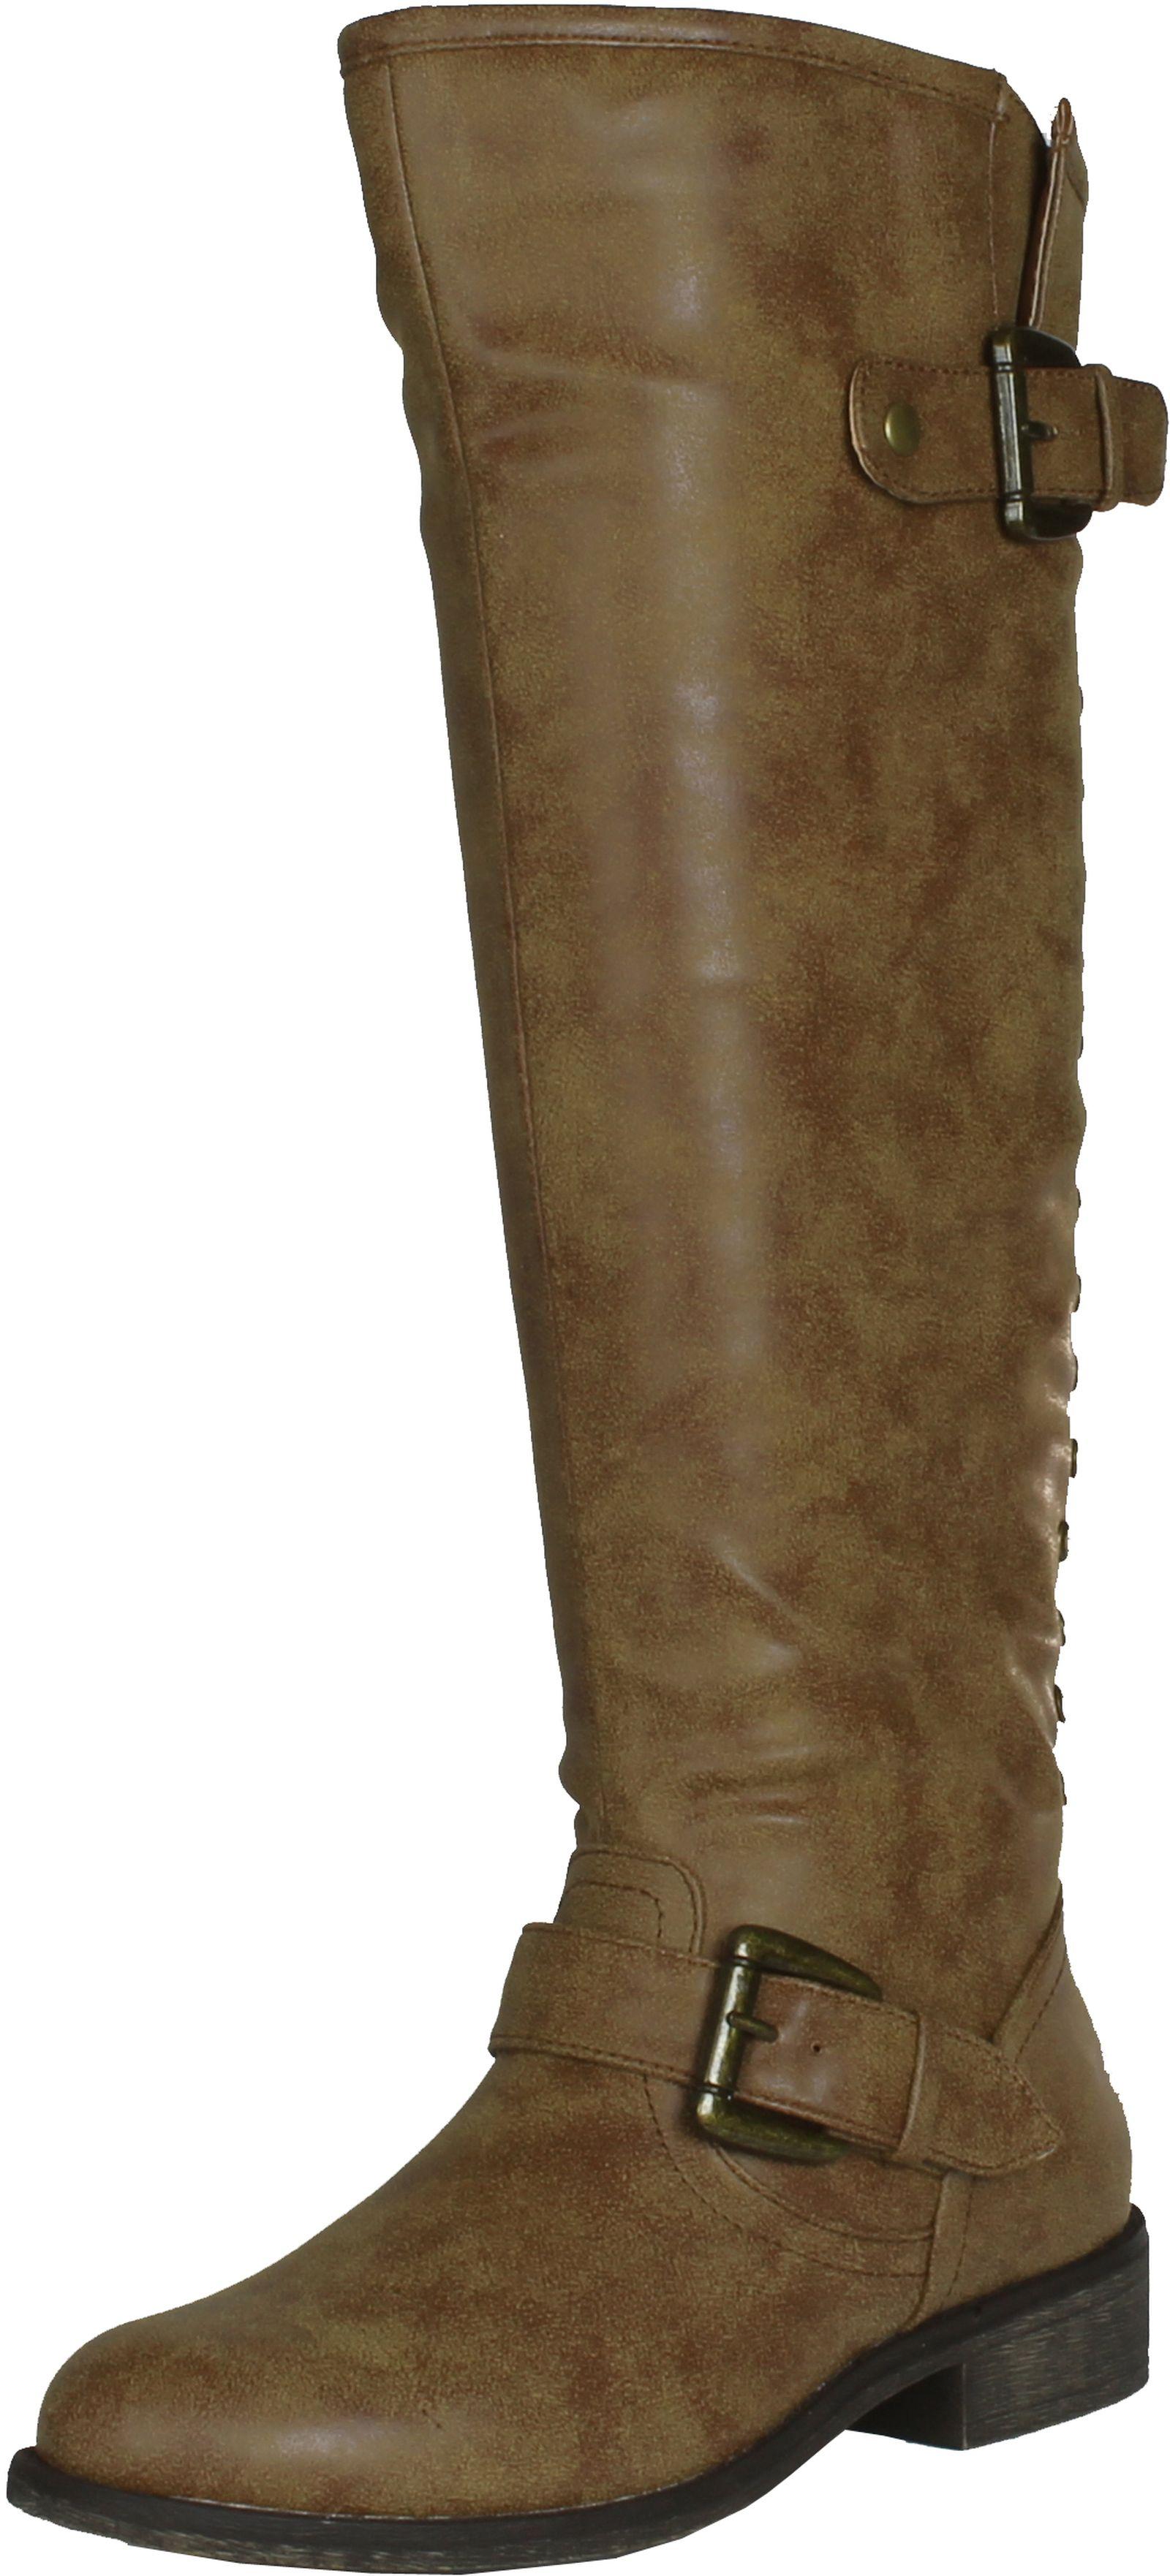 Madden Girl Women S Cactuss Boots: Madden Girl Women's Cactuss Boot